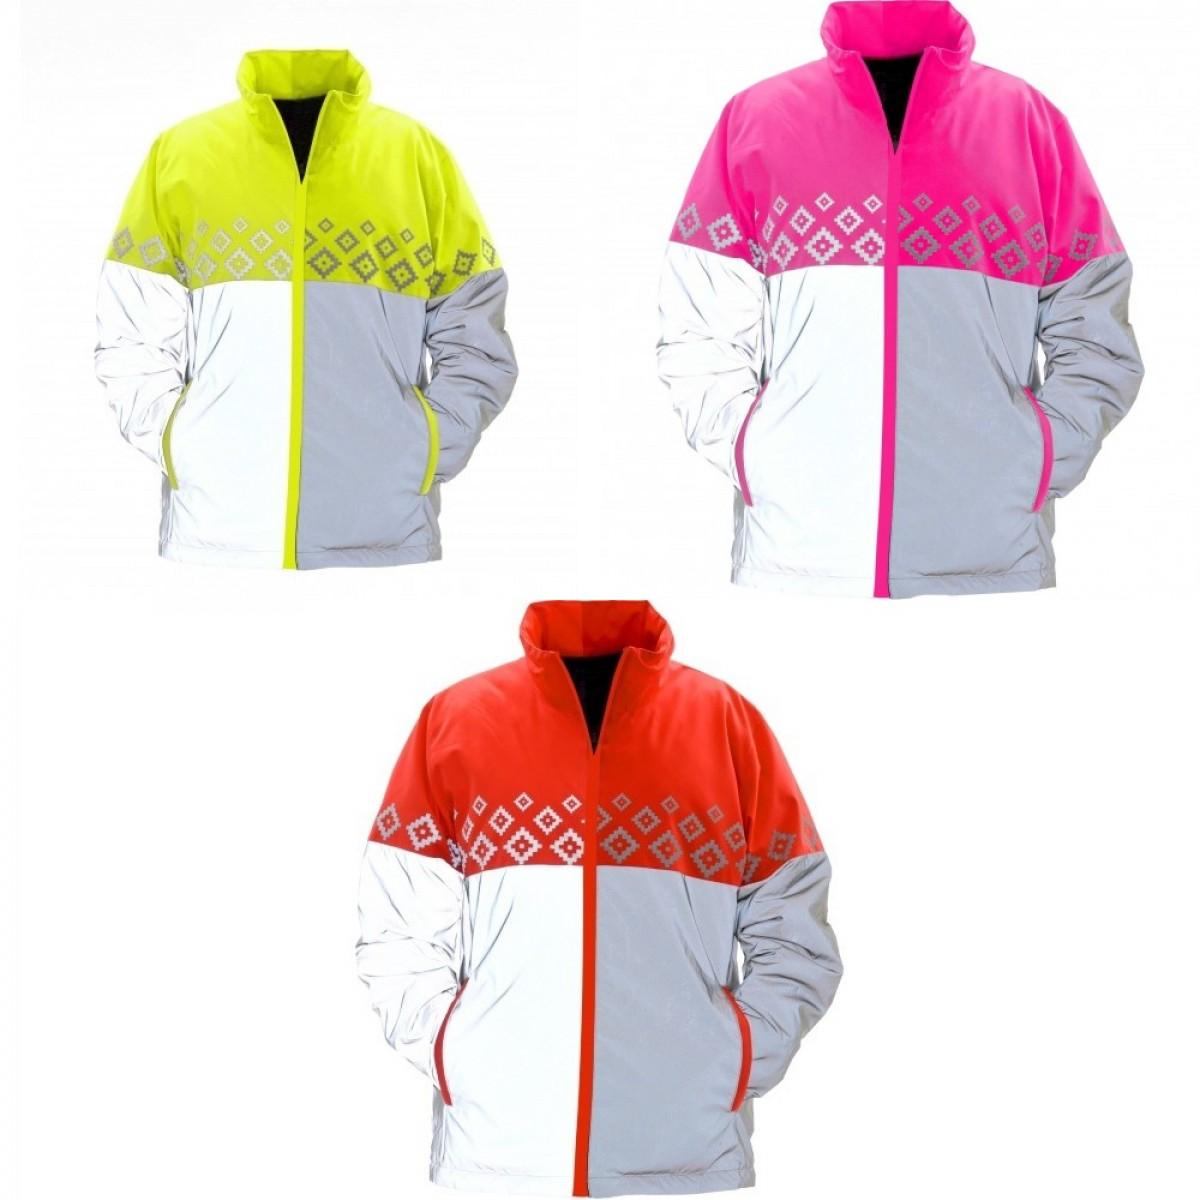 (エクイセーフティー) Equisafety ジャケット Luminosa スポーツウェア 作業服 安全ジャケット 乗馬 ホースライディング 【海外直送】